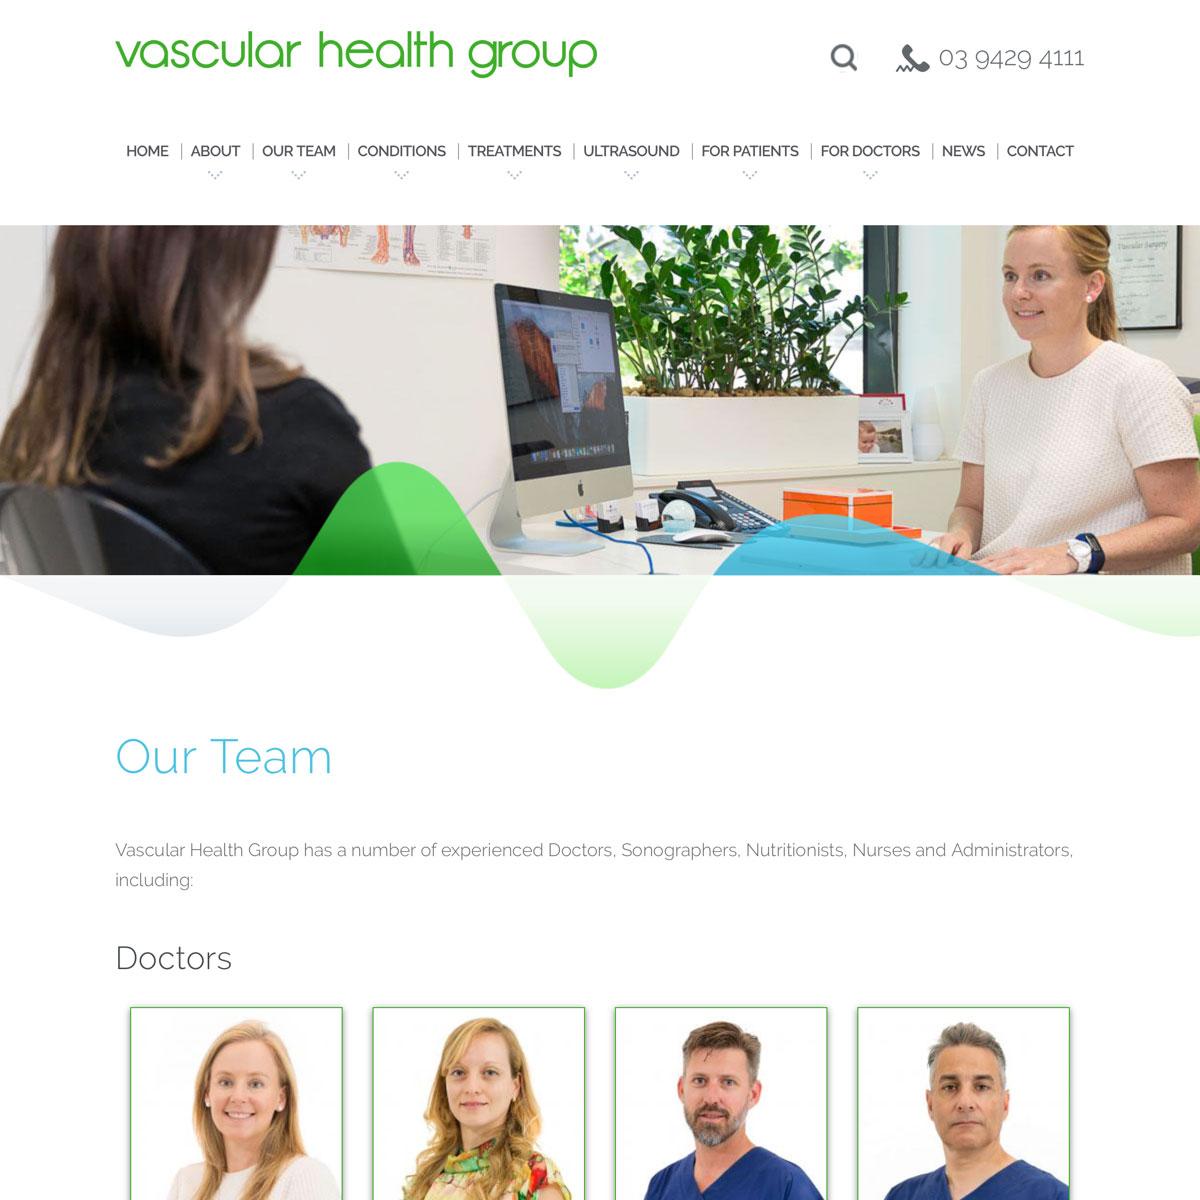 Vascular Health Group - Our Team